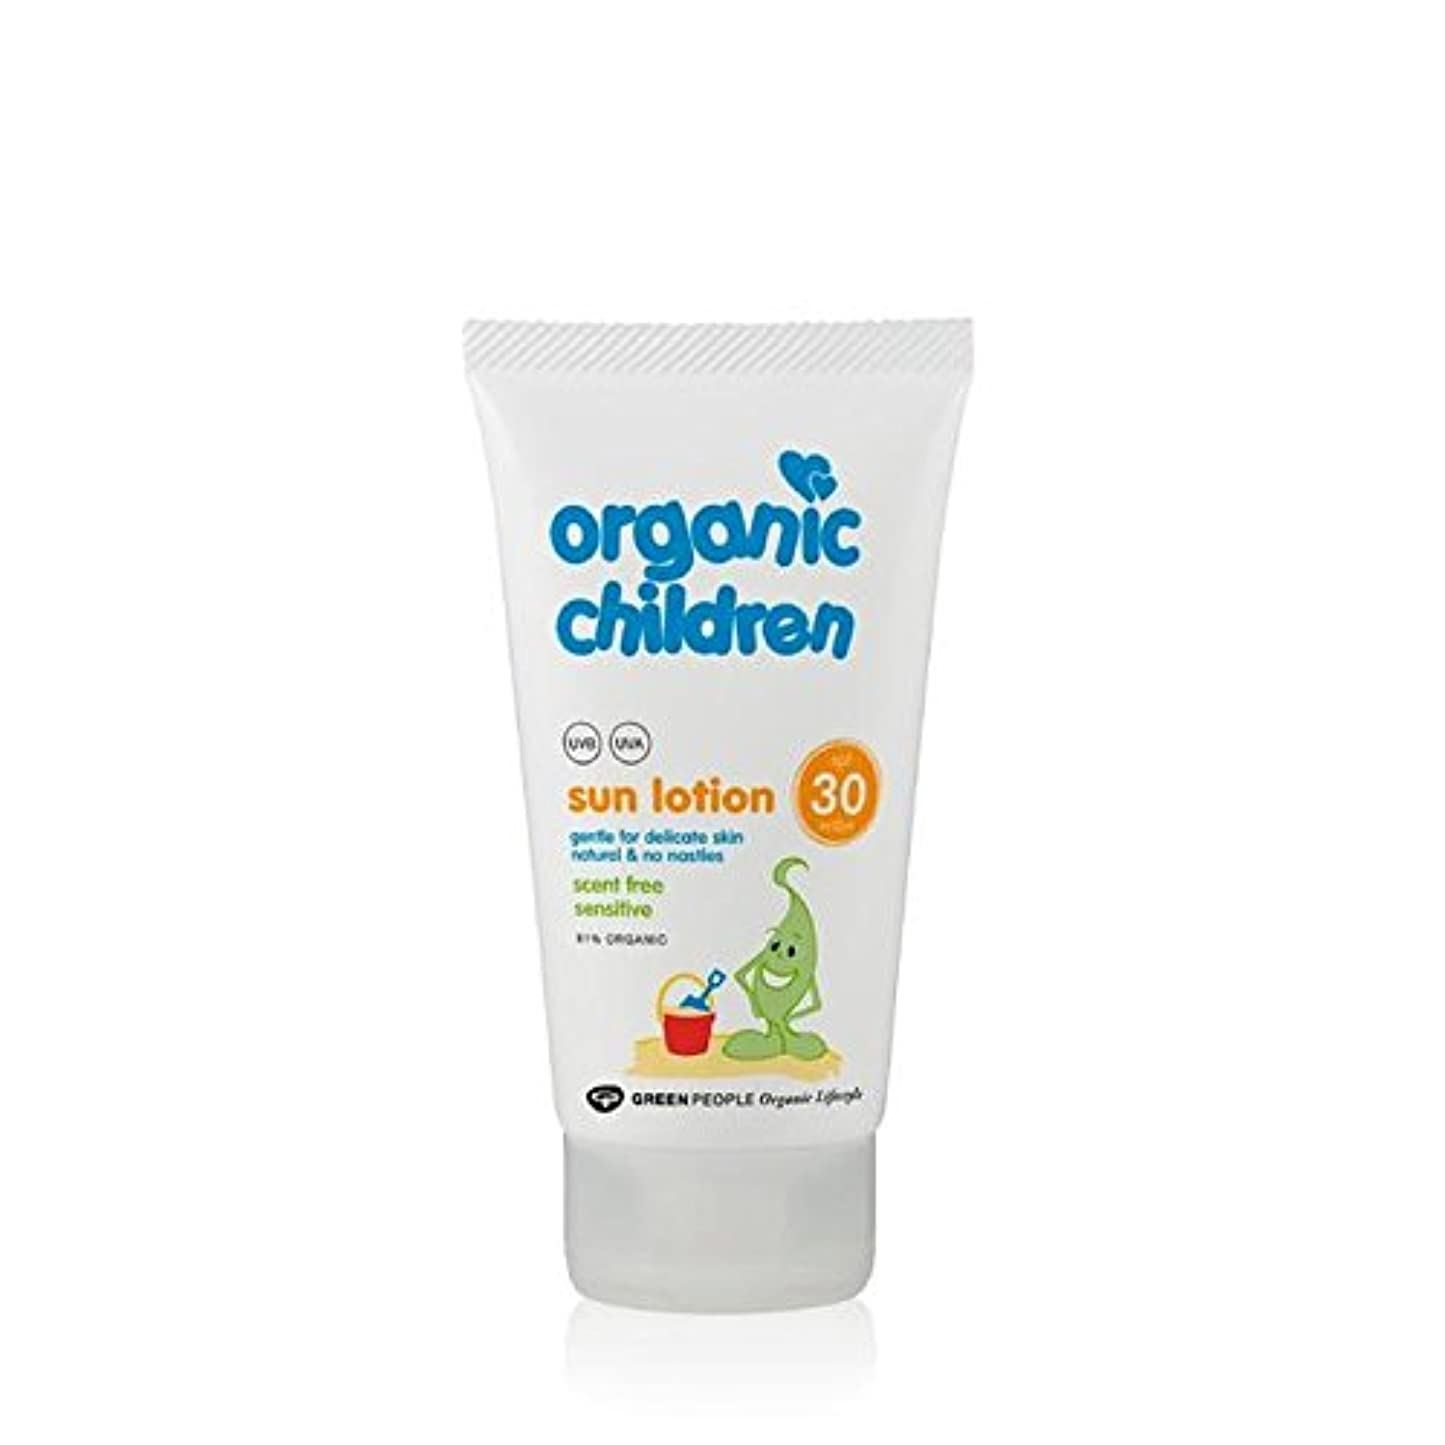 先祖太平洋諸島究極の有機子ども30の香り無料のサンローション150 x4 - Organic Children SPF30 Scent Free Sun Lotion 150ml (Pack of 4) [並行輸入品]